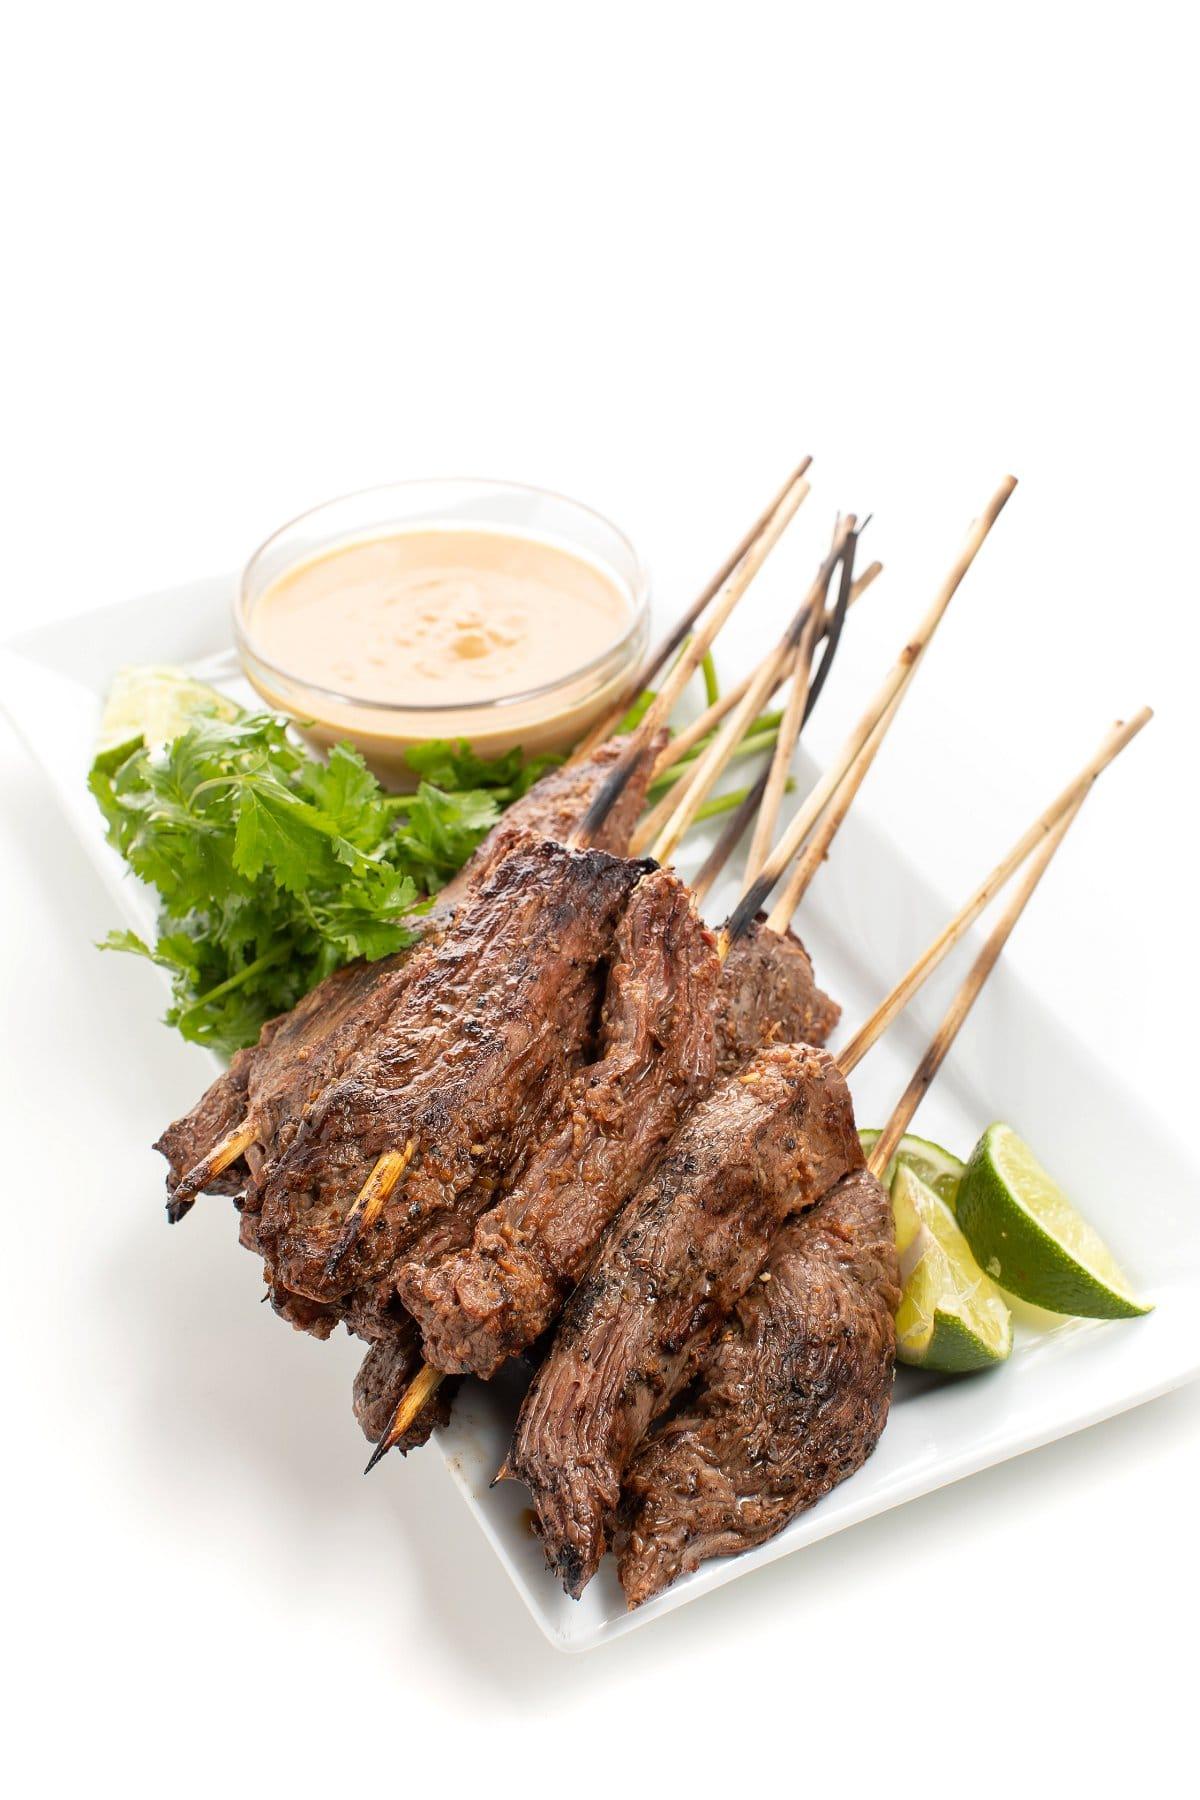 Beef Satay Skewers on Plate